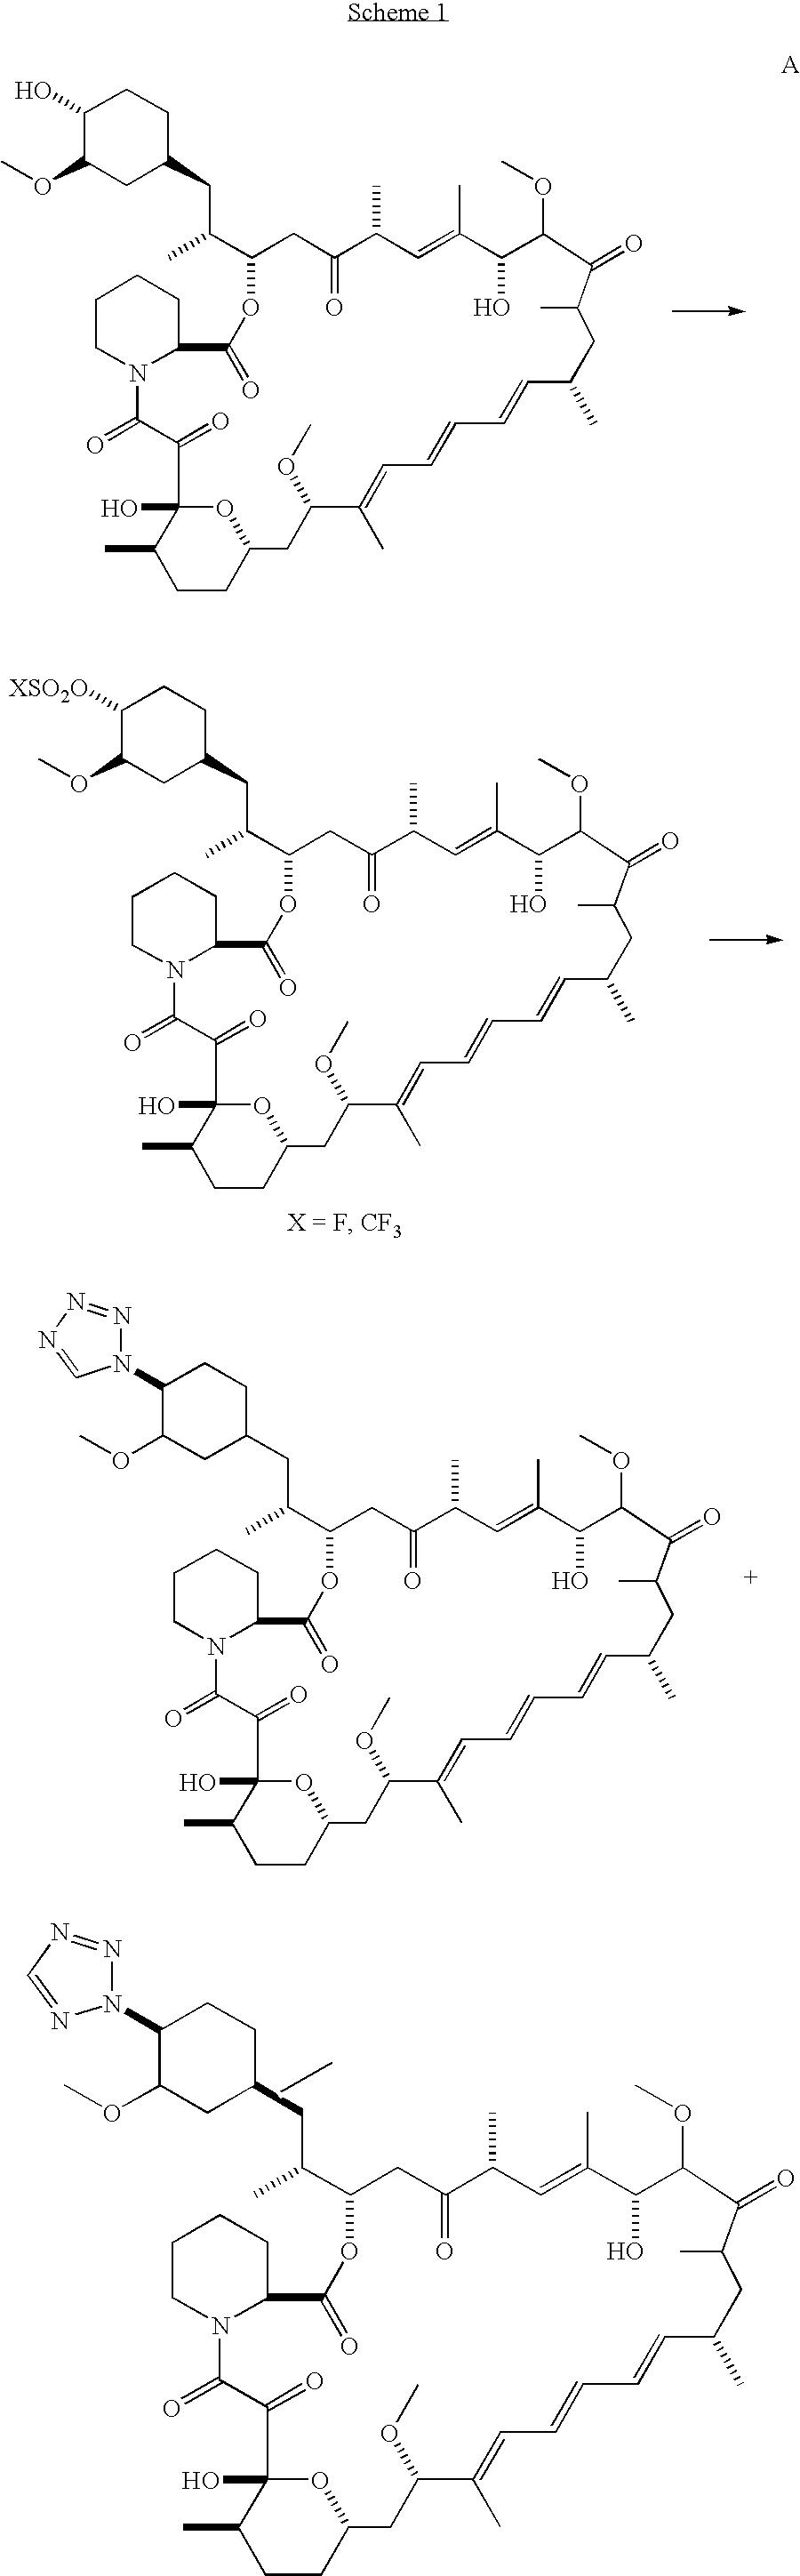 Figure US20090216317A1-20090827-C00007